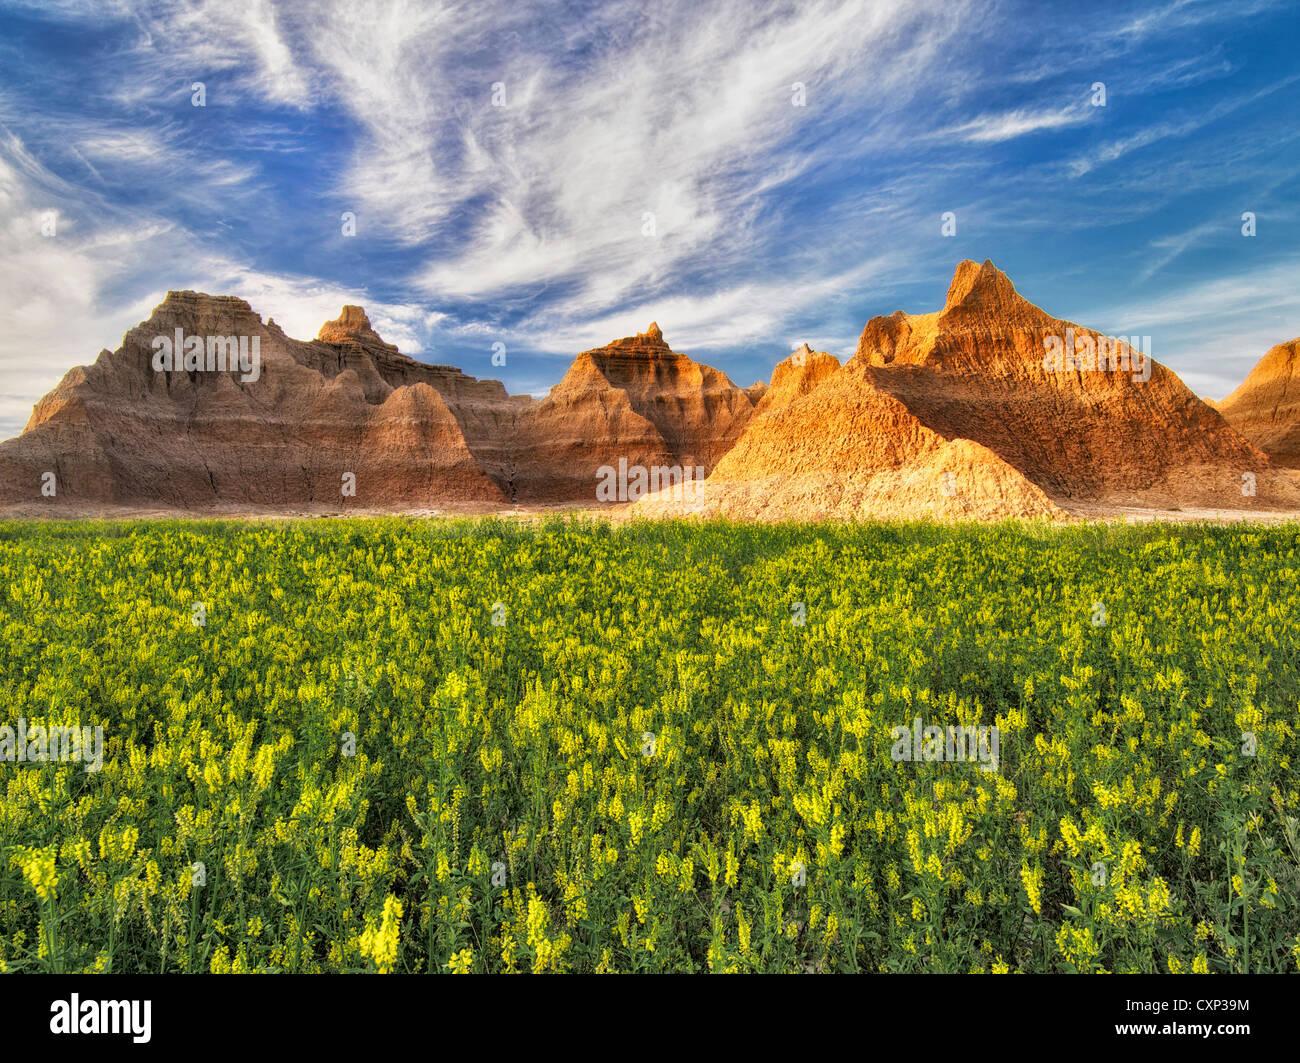 Mélilot jaune et de formations rocheuses. Badlands National Park (Dakota du Sud). Photo Stock